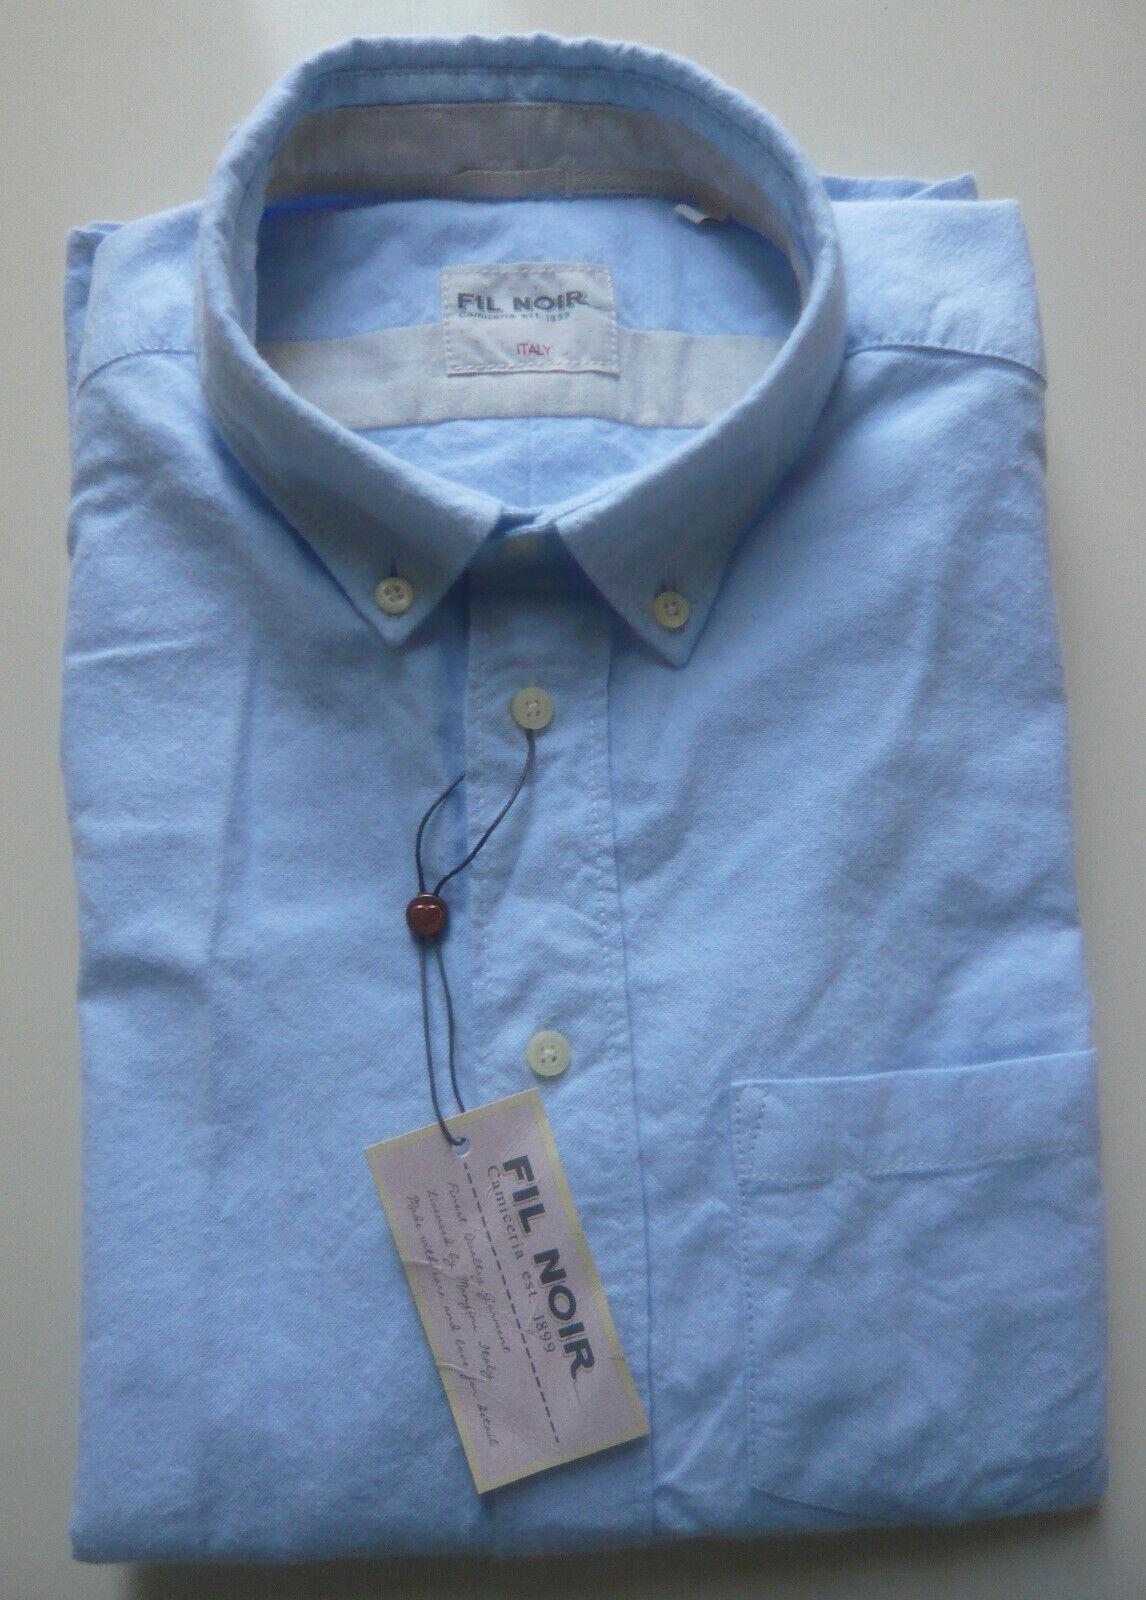 Fil schwarz ANTONIA Blause Langarm Gr. 38 hellblau Baumwolle Button Down Kragen